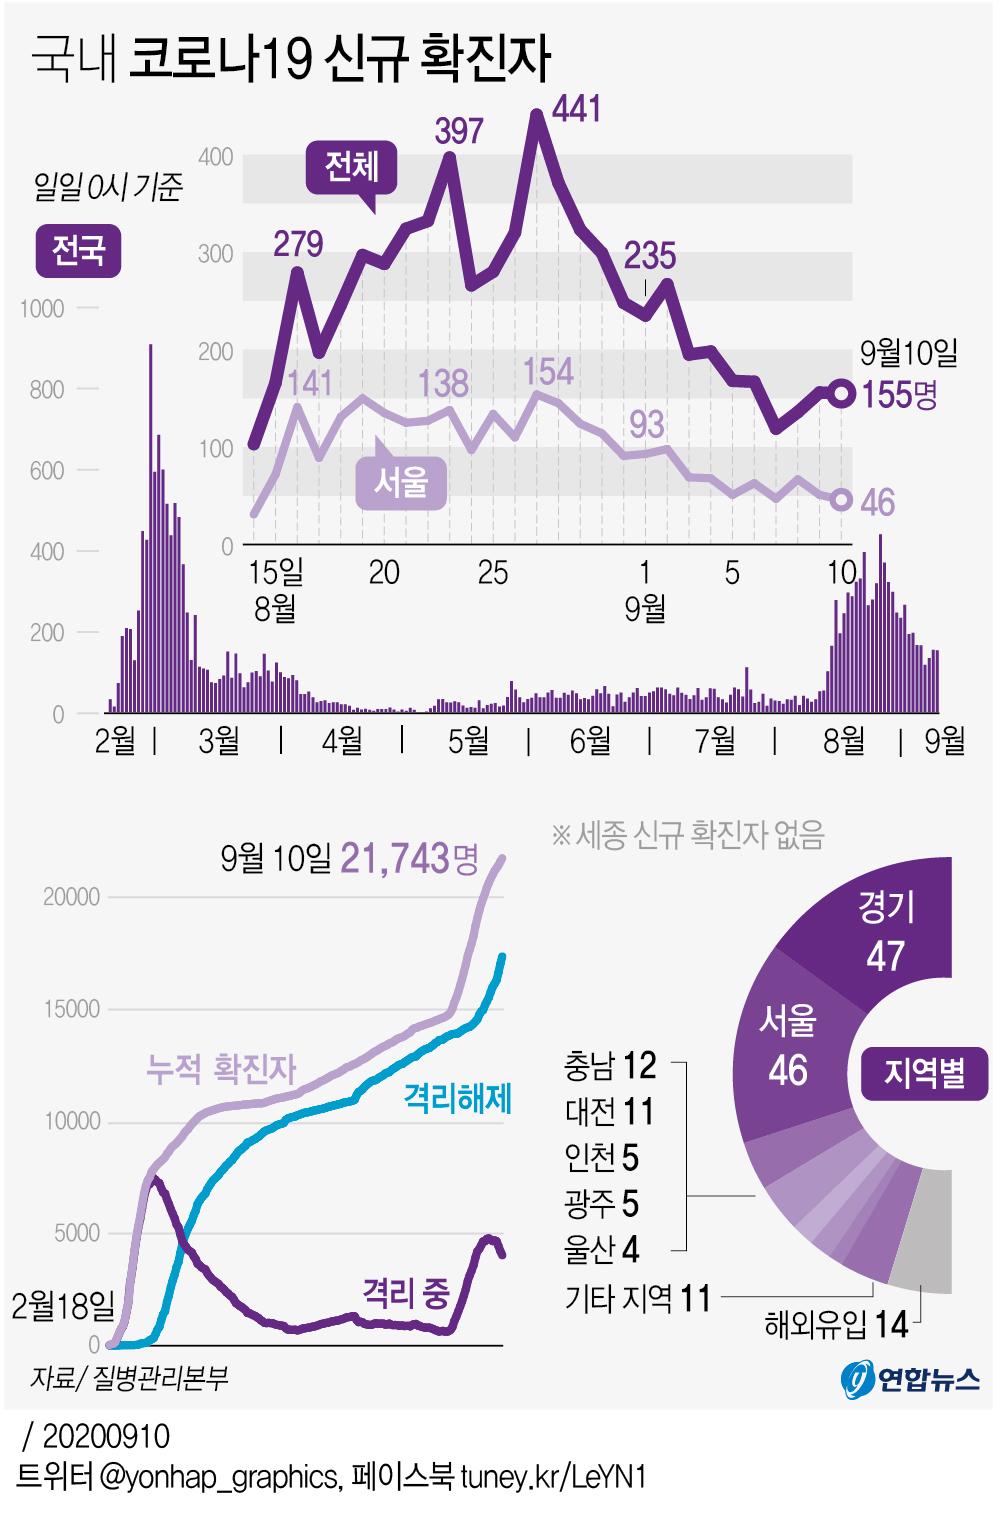 [그래픽] 국내 코로나19 신규 확진자